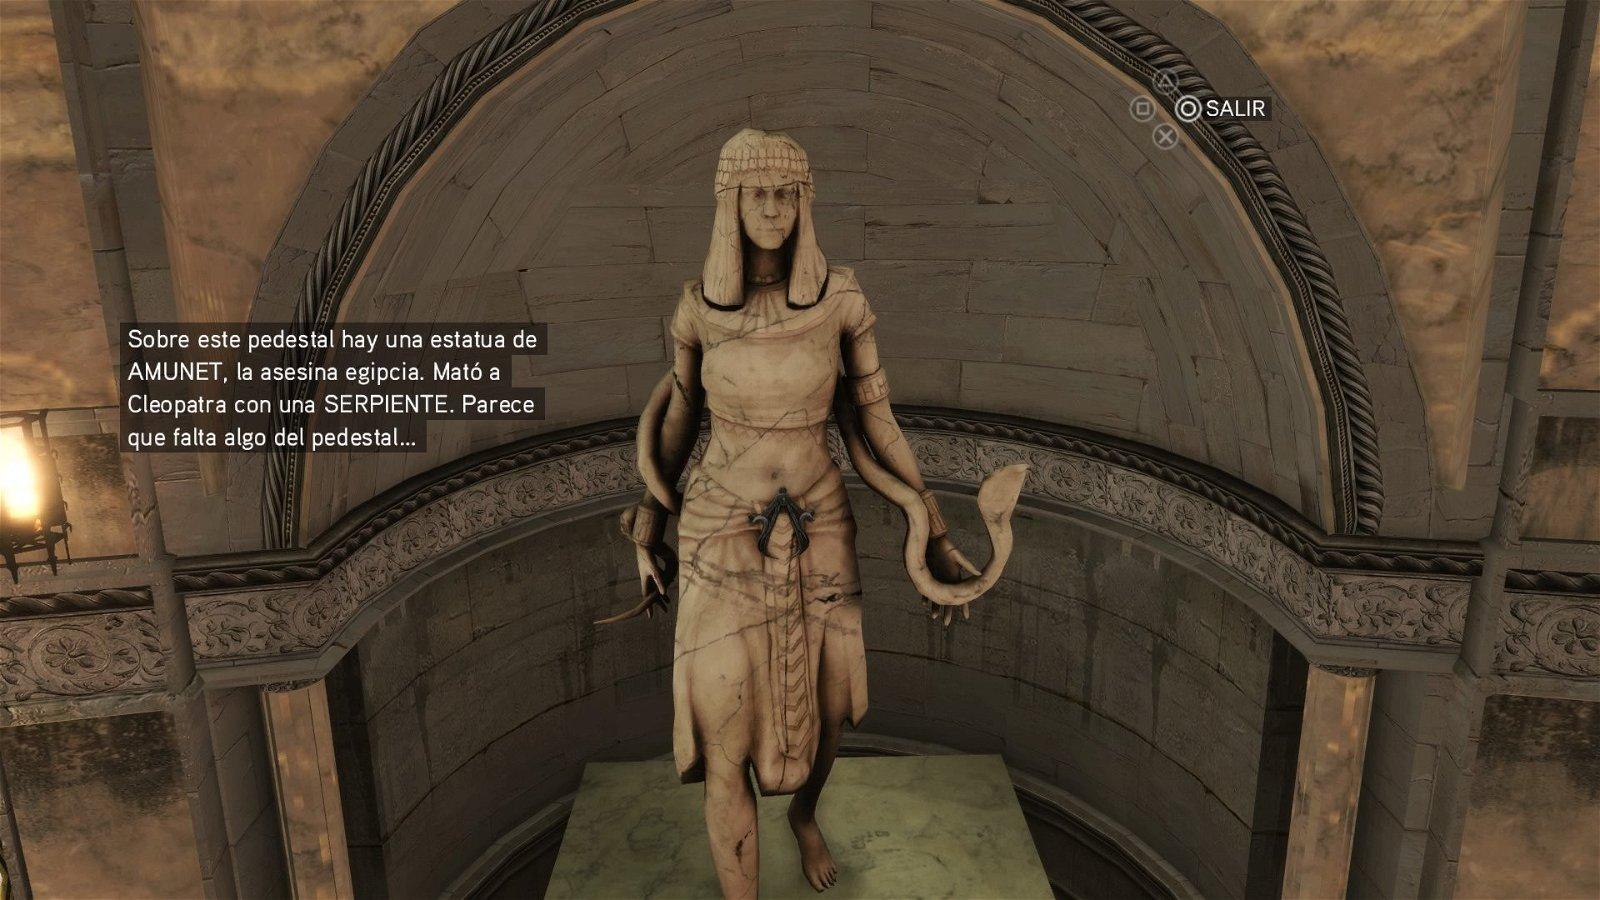 Assassin's Creed lleva años haciendo referencias a una entrega en Egipto